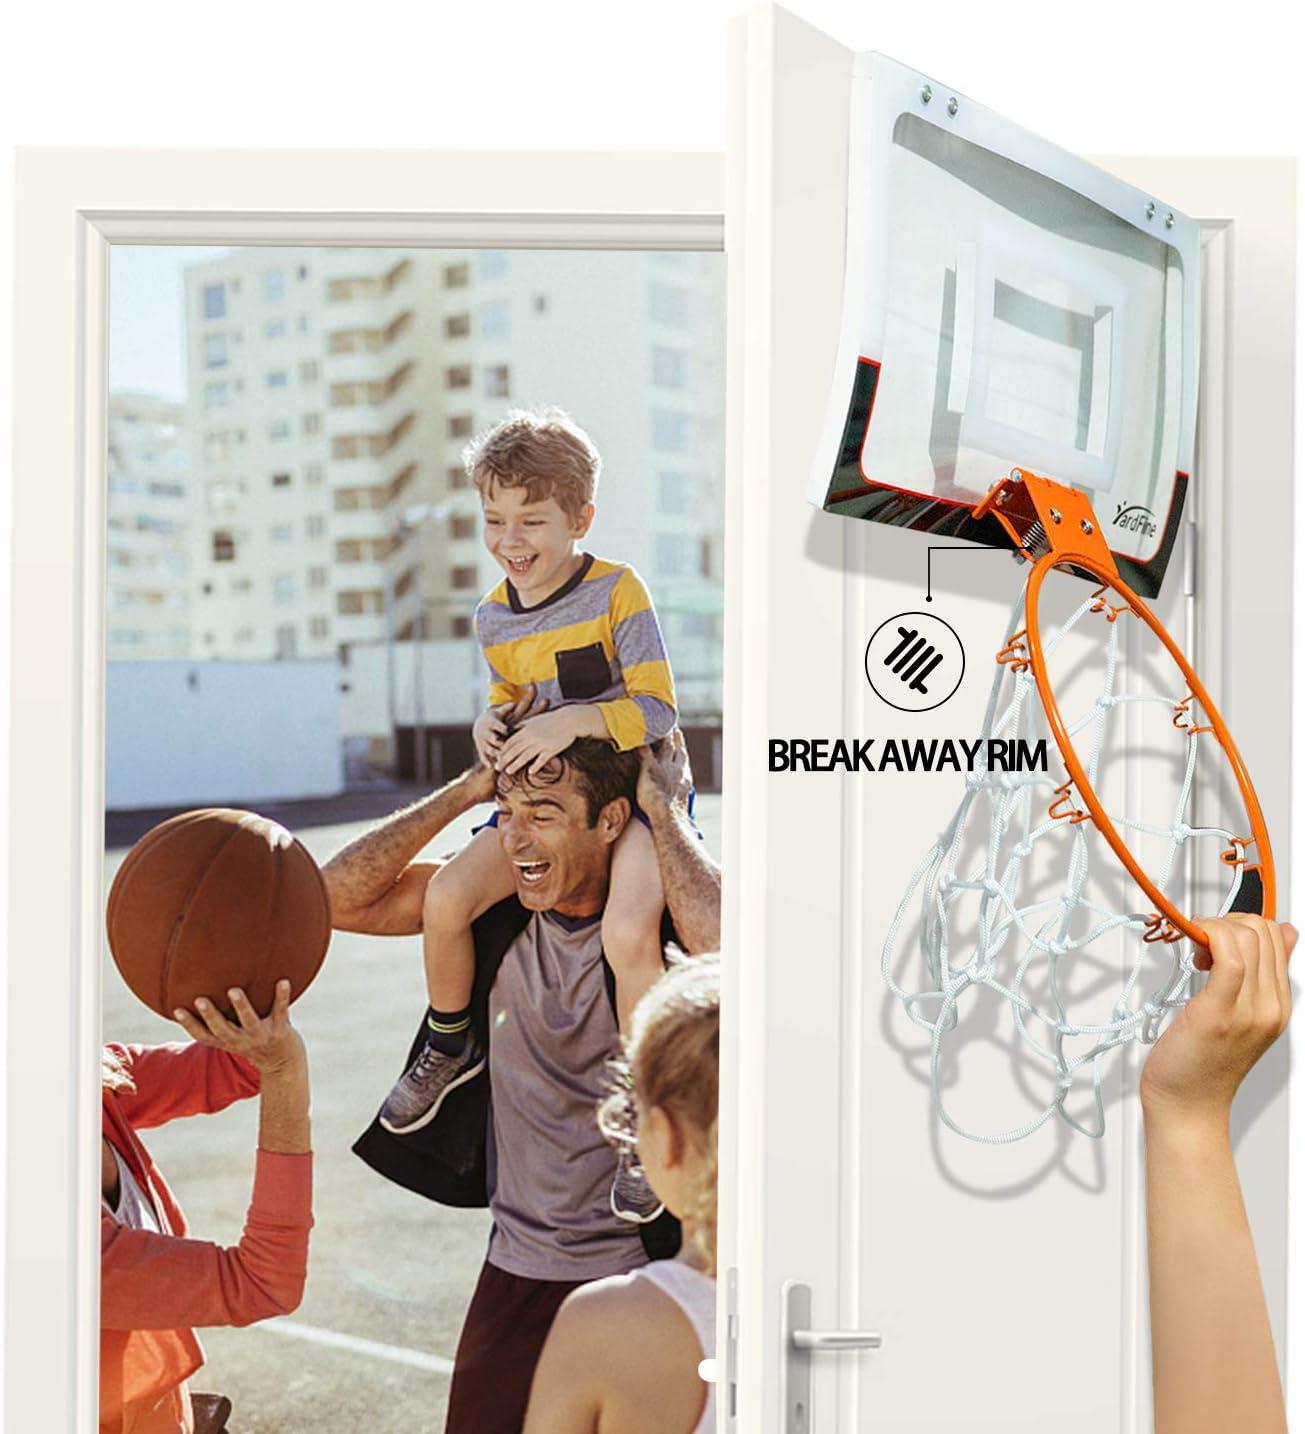 YardFine Mini Basketball Hoop for Door with Basketball /& Pump Indoor Over The Door Hoop Gift for Boys